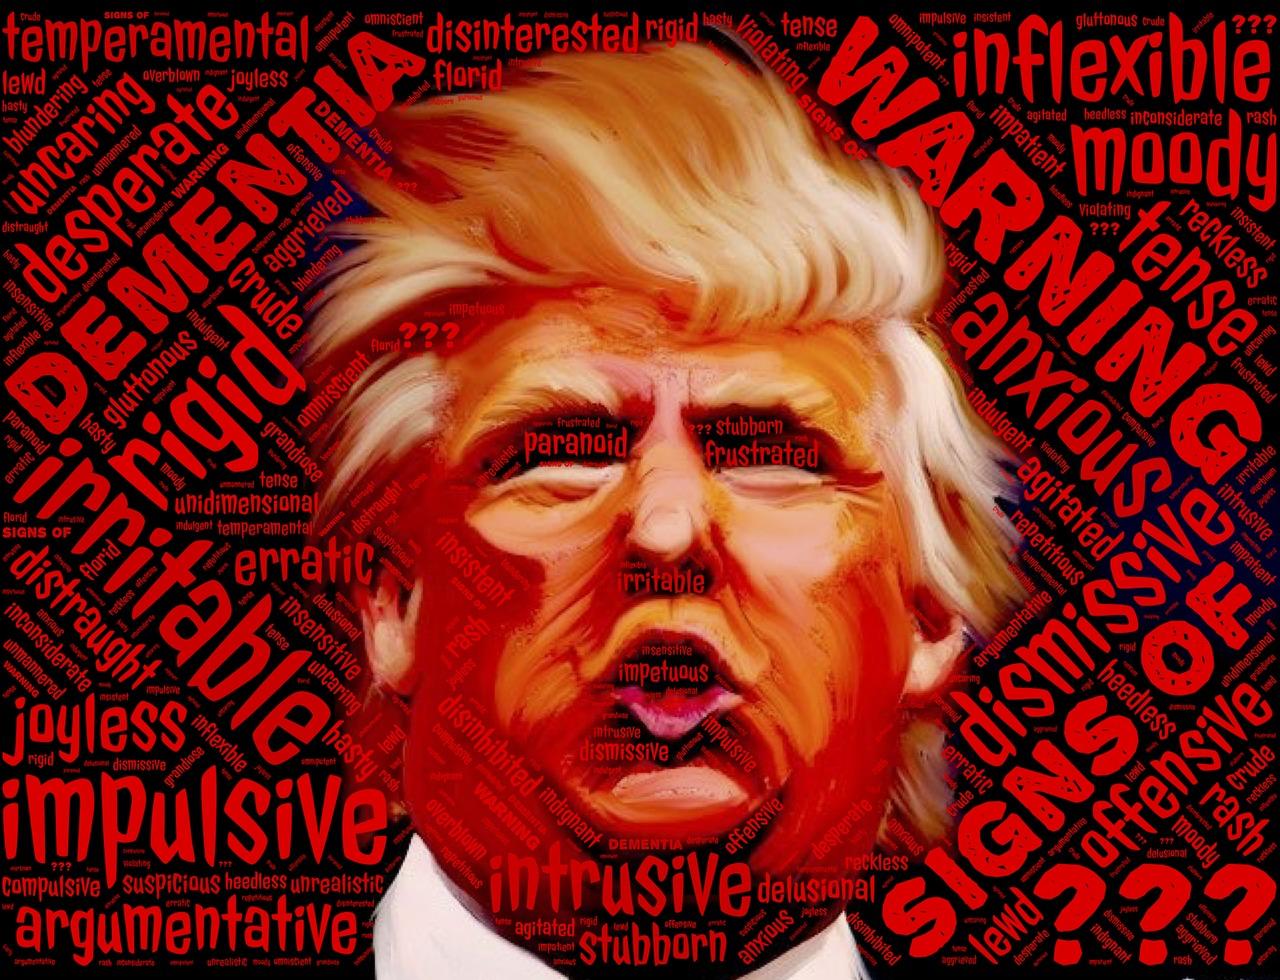 アメリカ大統領選とコピーライティングの関係性とは?